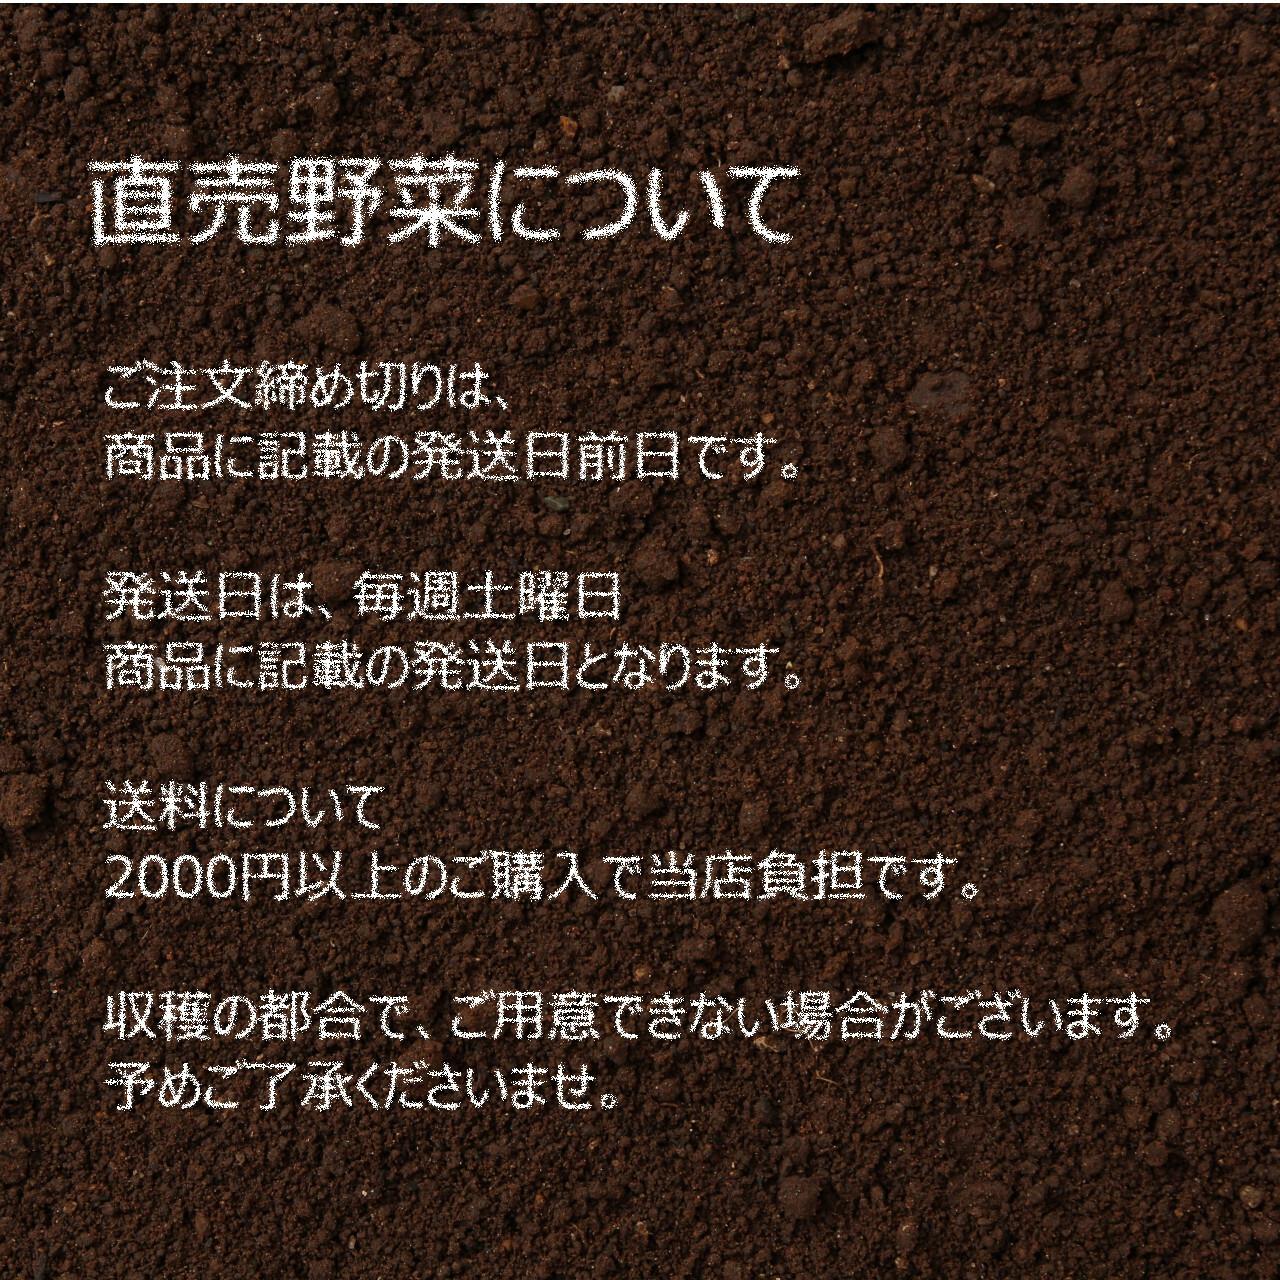 7月の新鮮野菜 : ネギ 3~4本 朝採り直売野菜 7月4日発送予定